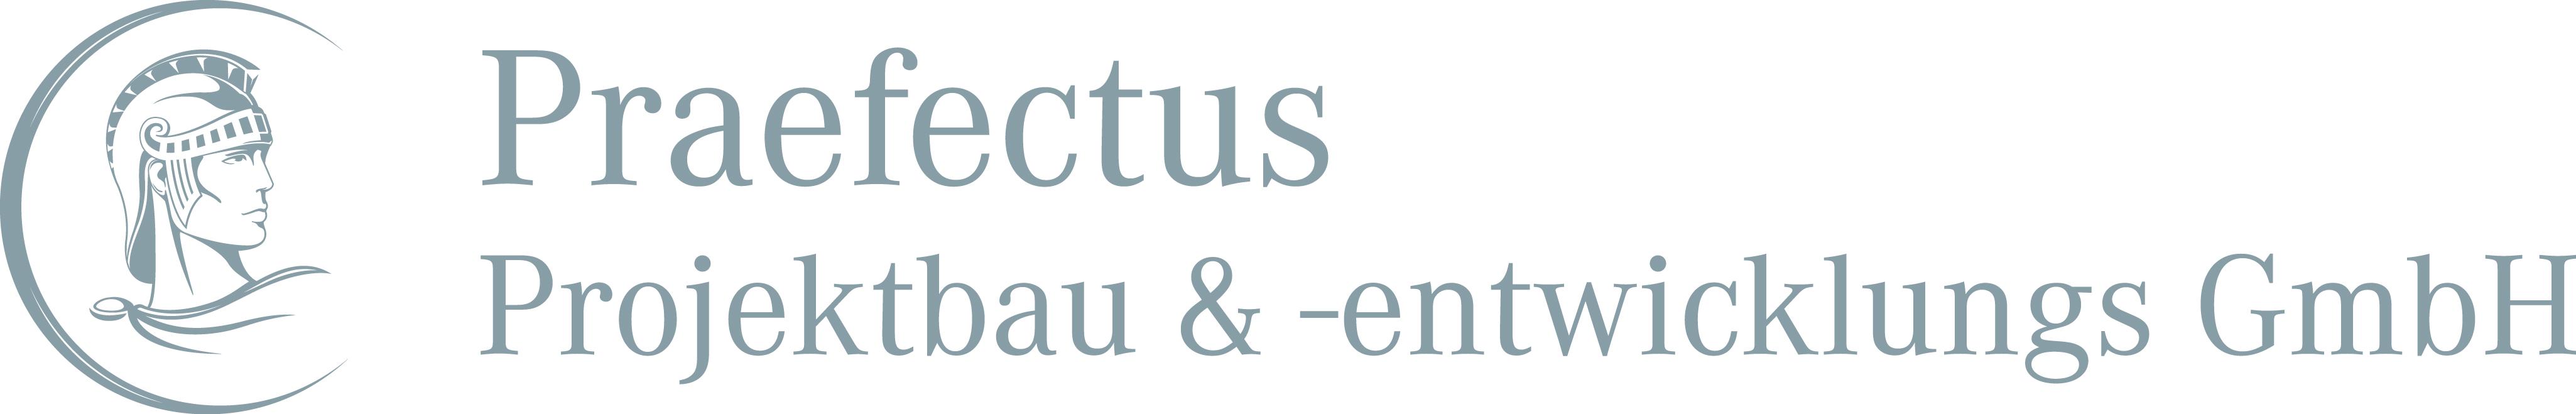 Hier sehen Sie das Logo von PRAEFECTUS Projektbau & -entwicklungs GmbH